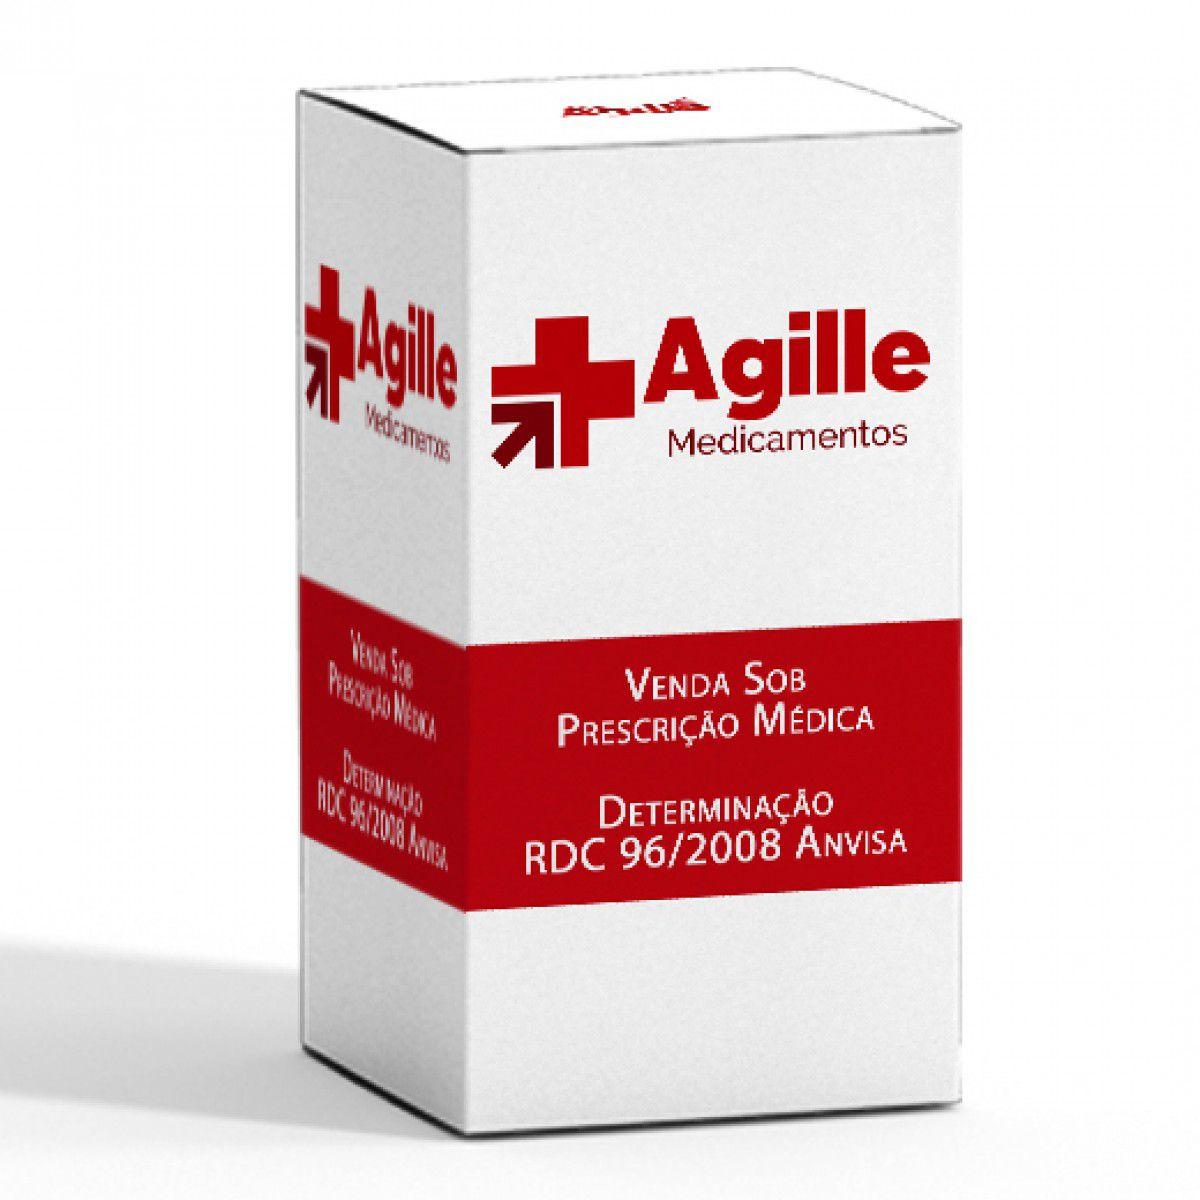 NPLATE 250mcg po liof sol inj fa  - Agille Speciality